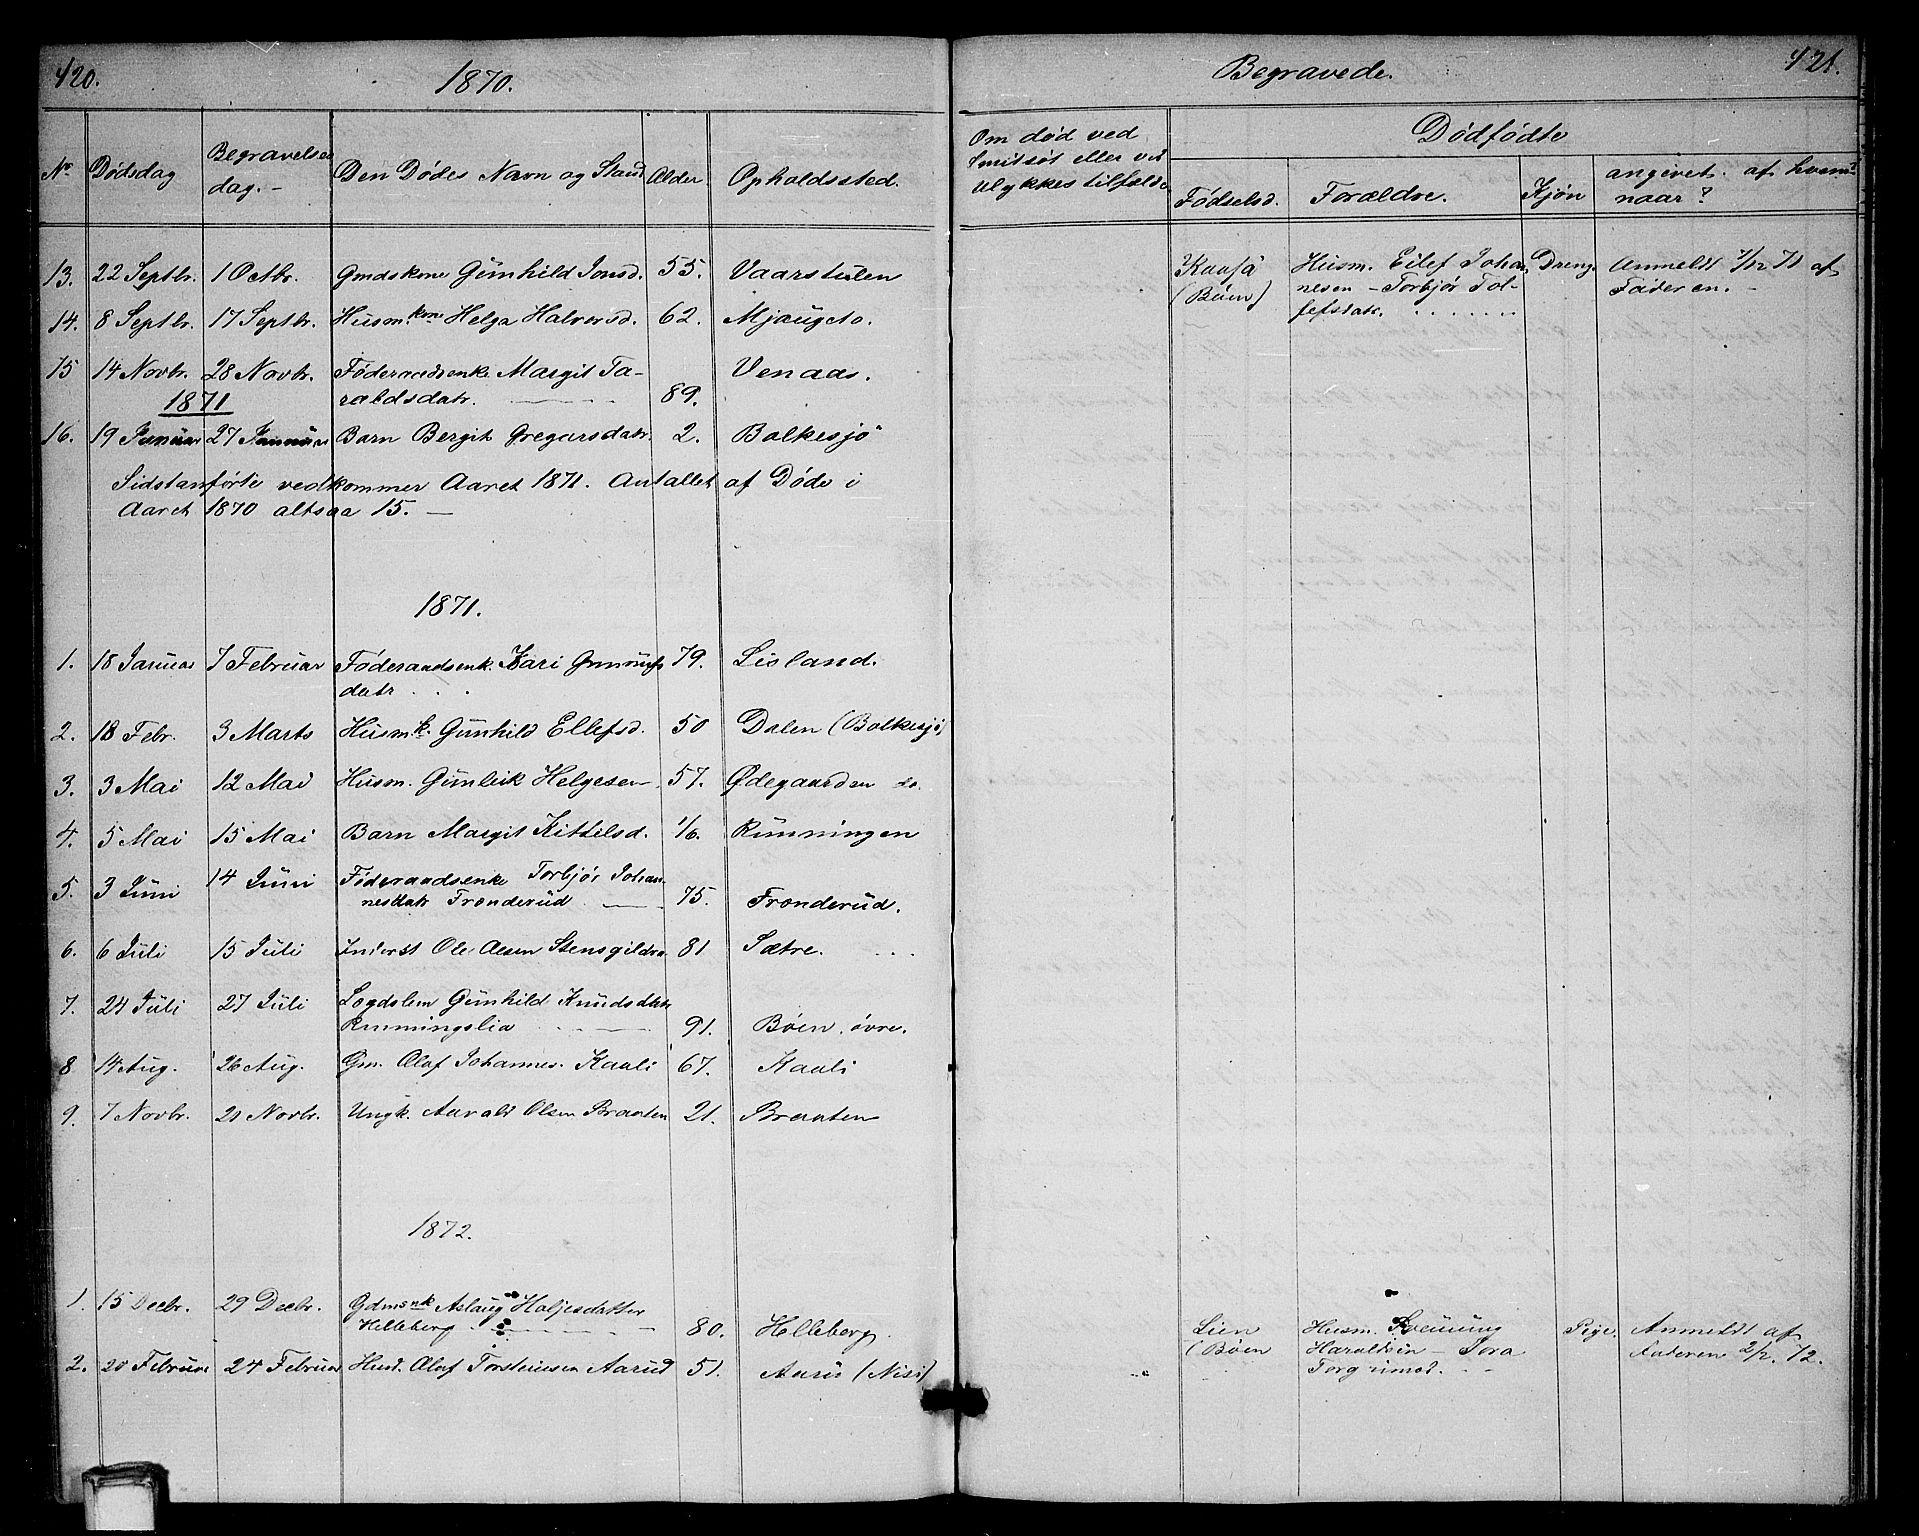 SAKO, Gransherad kirkebøker, G/Ga/L0002: Klokkerbok nr. I 2, 1854-1886, s. 420-421